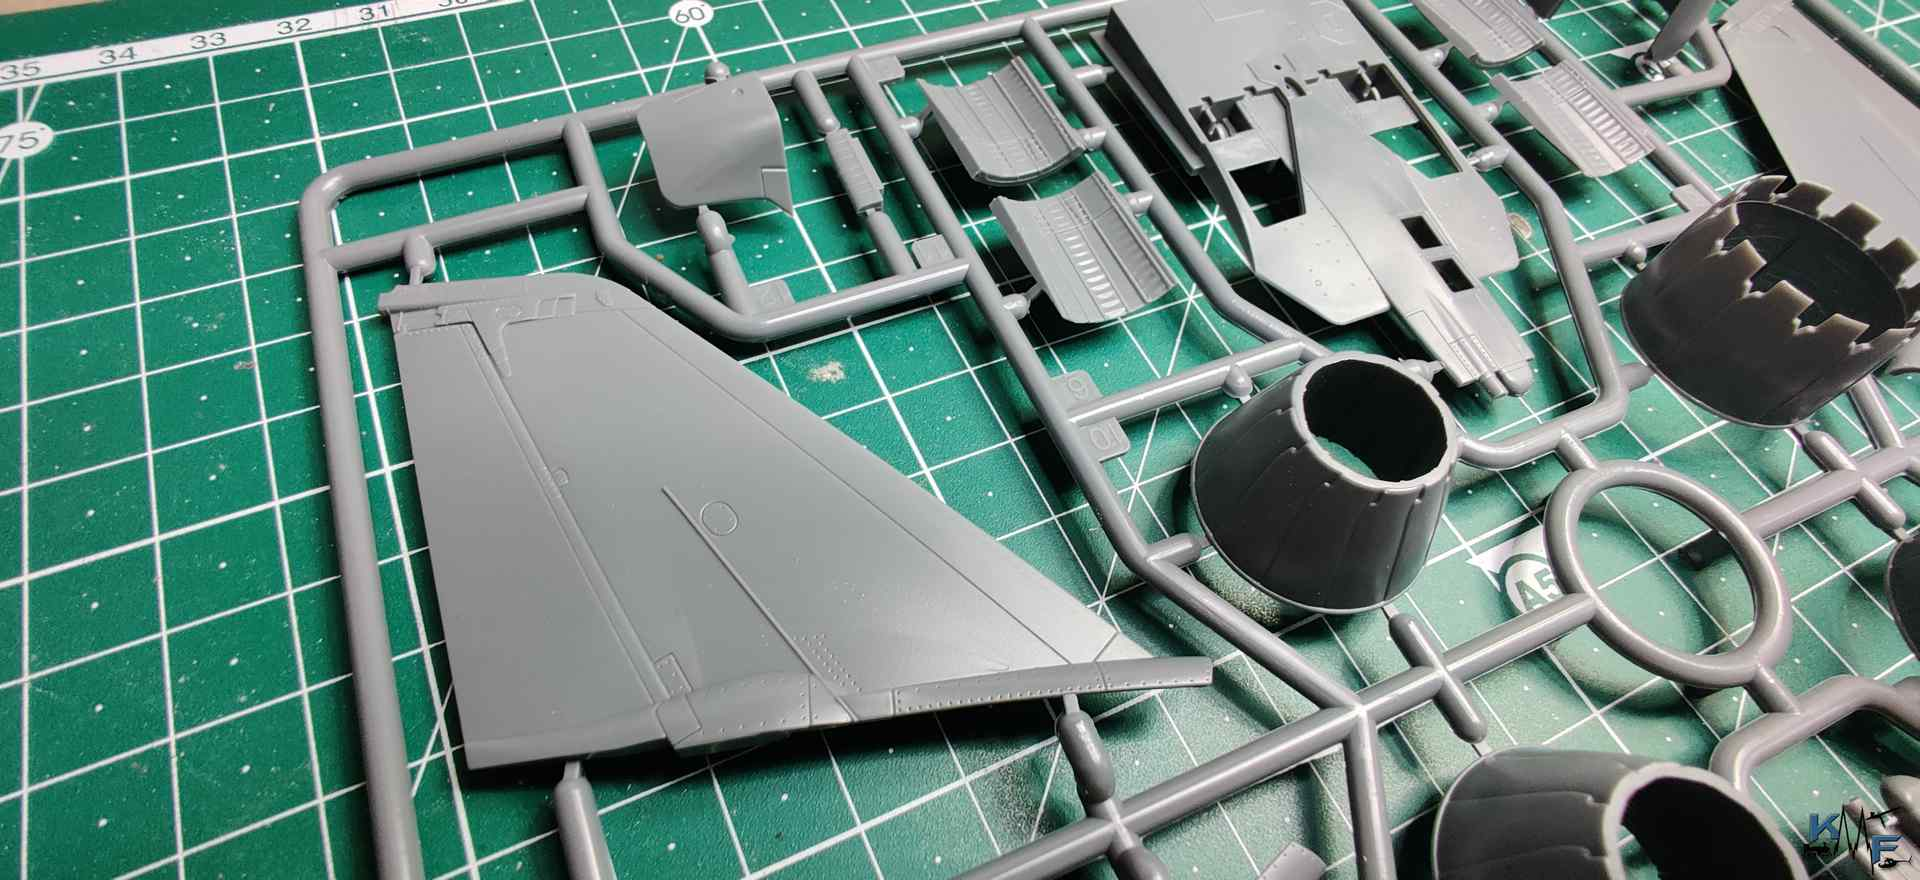 BV-AMK-F-14D_069.jpg